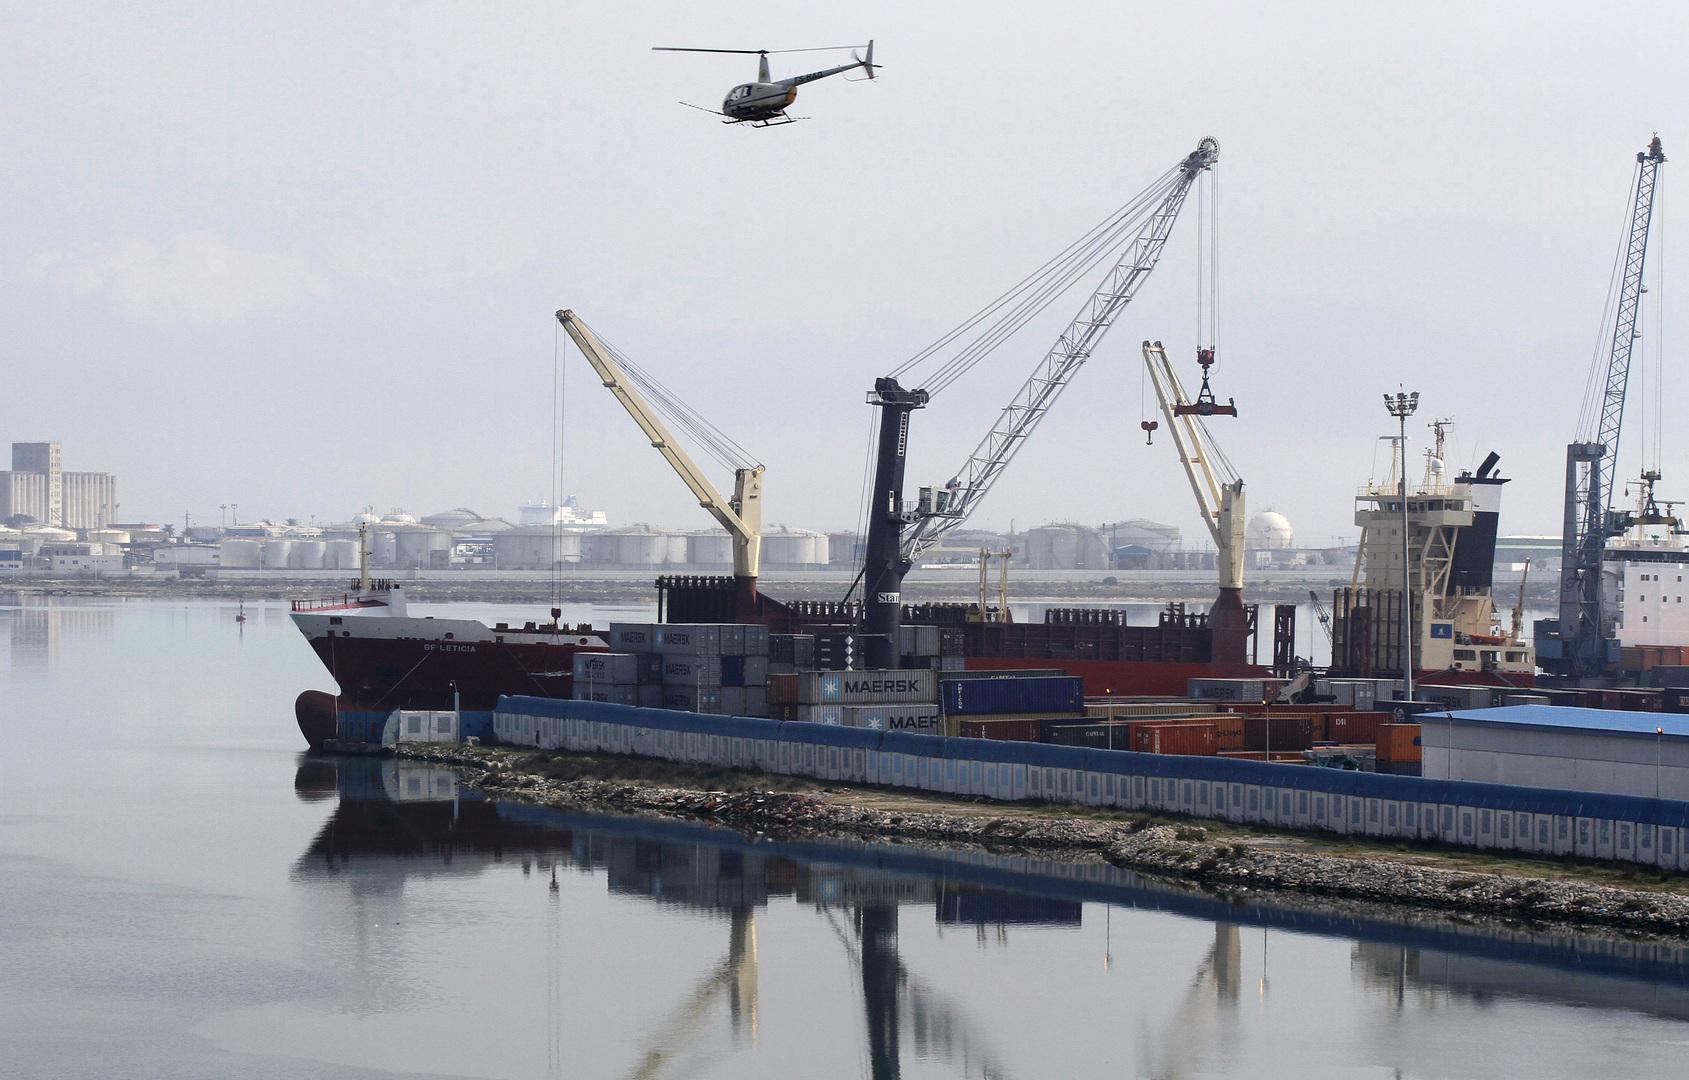 تونس.. وزارة النقل توضح حقيقة تصنيف الأسطول التجاري التونسي على اللائحة السوداء